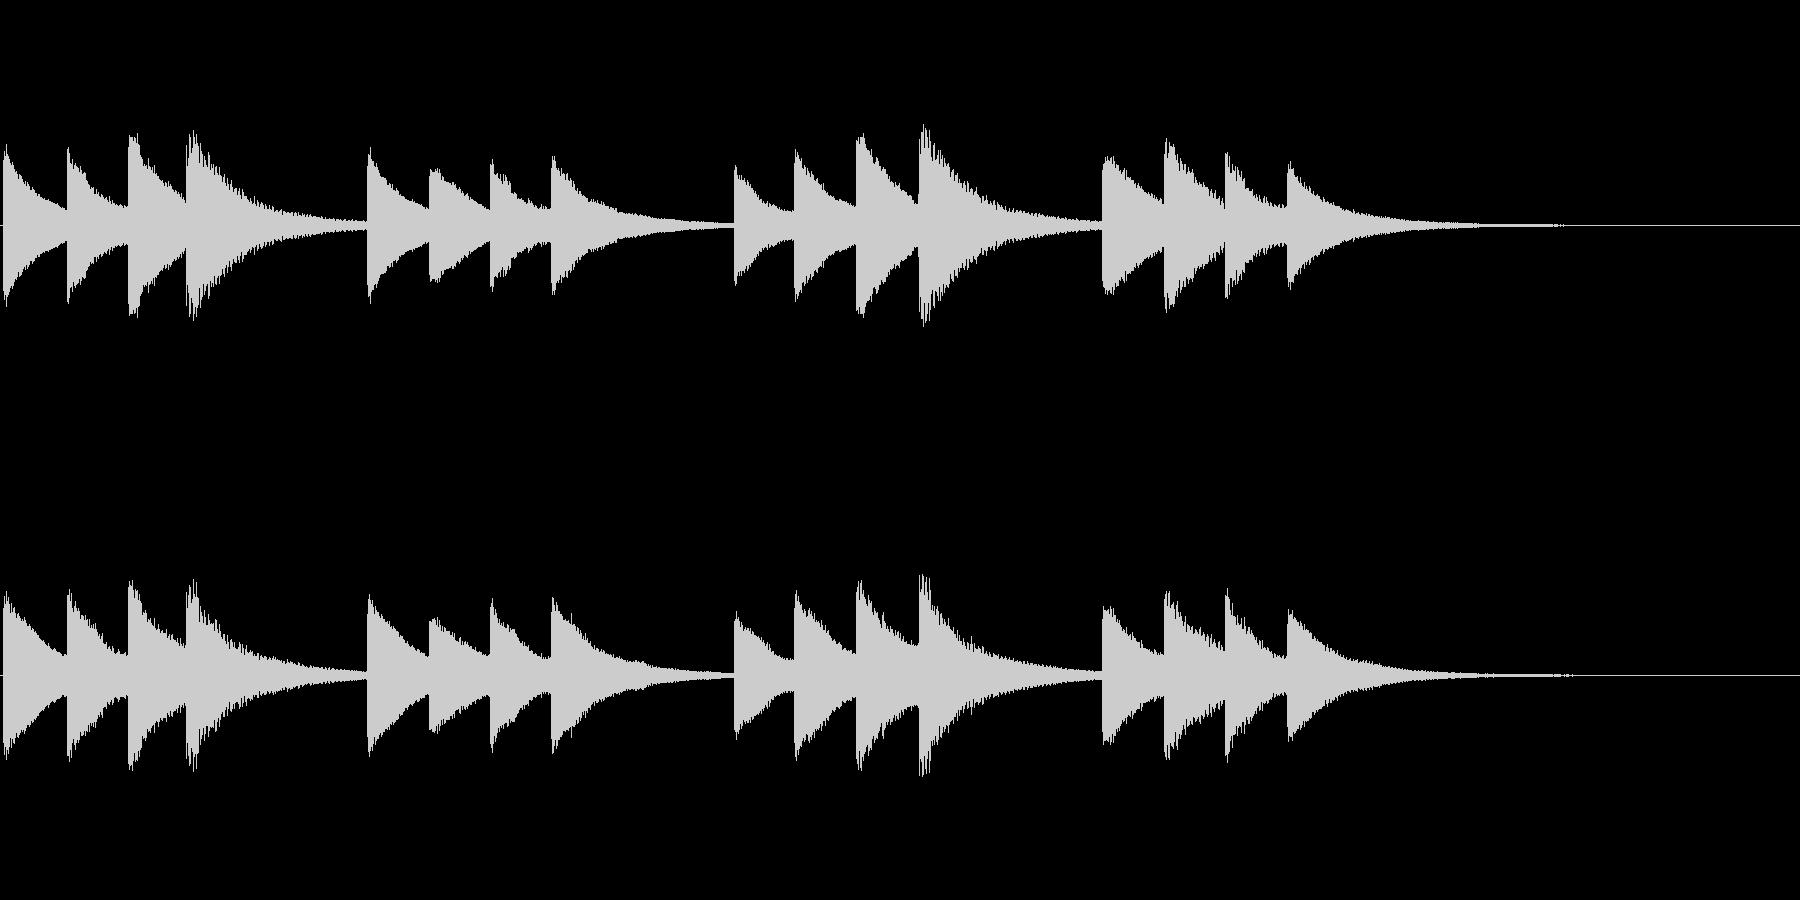 始業・終業 学校のチャイム02の未再生の波形